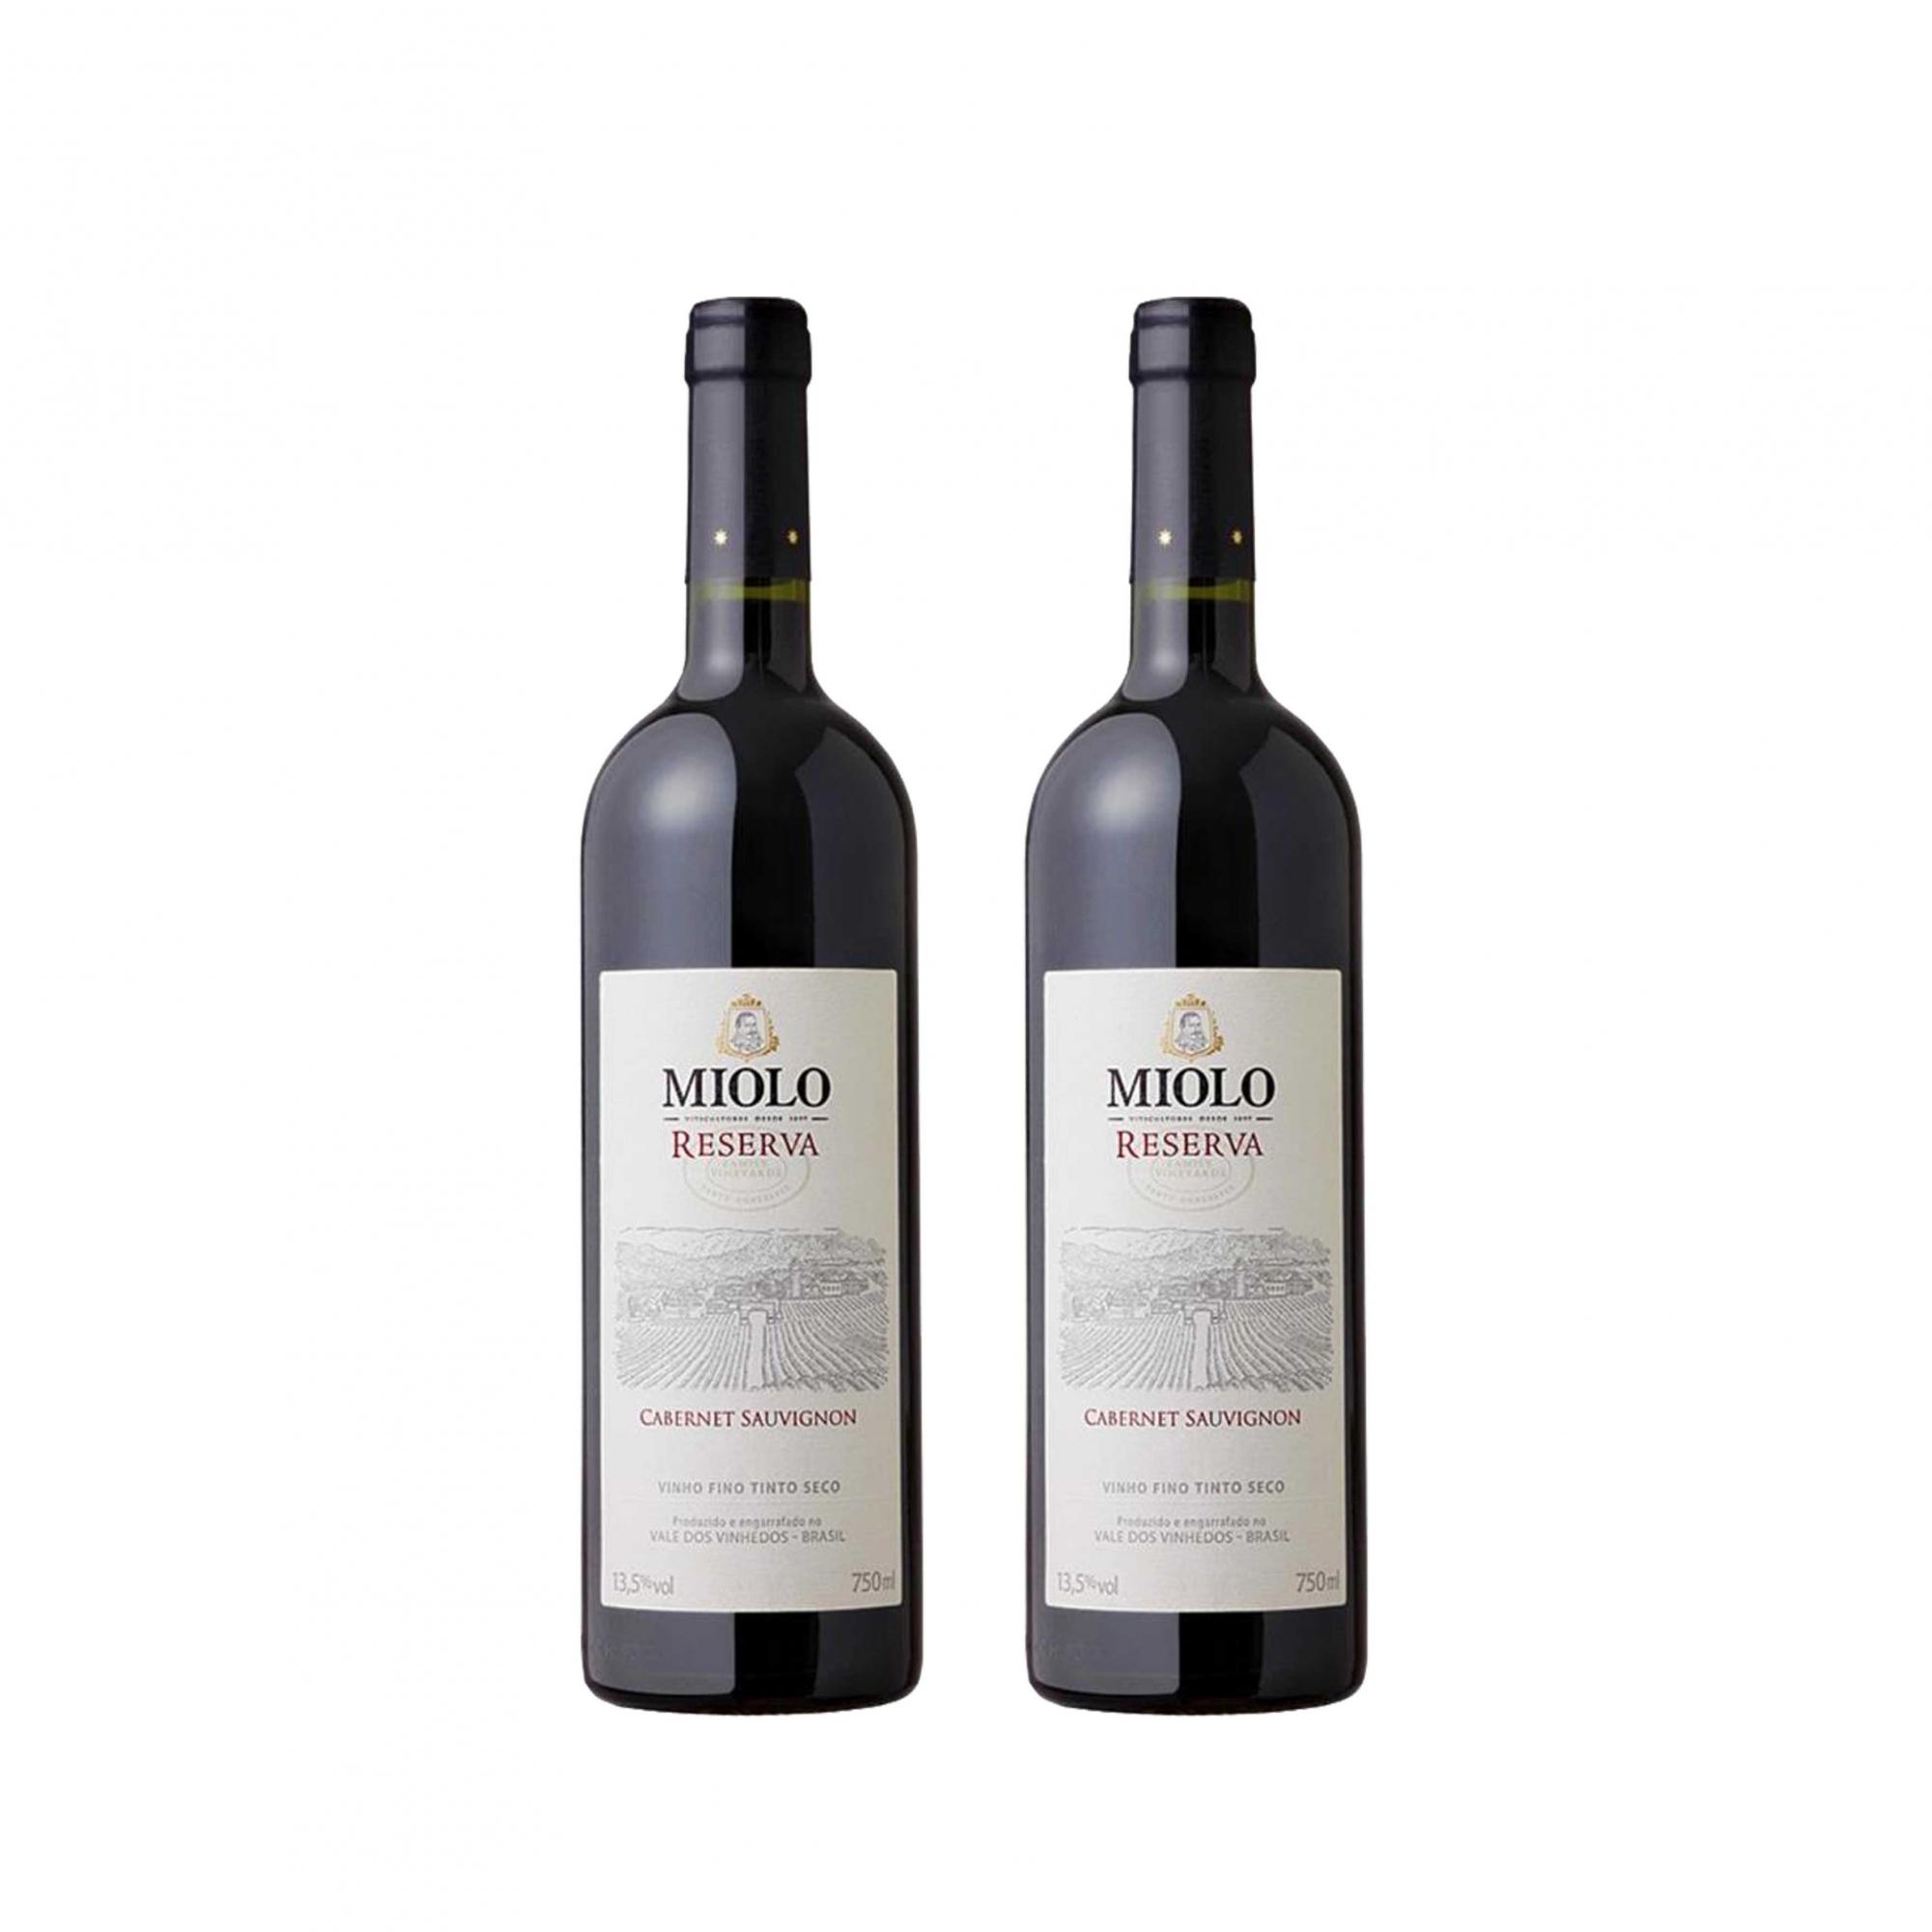 Kit 2x Vinho Brasileiro Tinto Miolo Reserva Cabernet Sauvignon 750ml